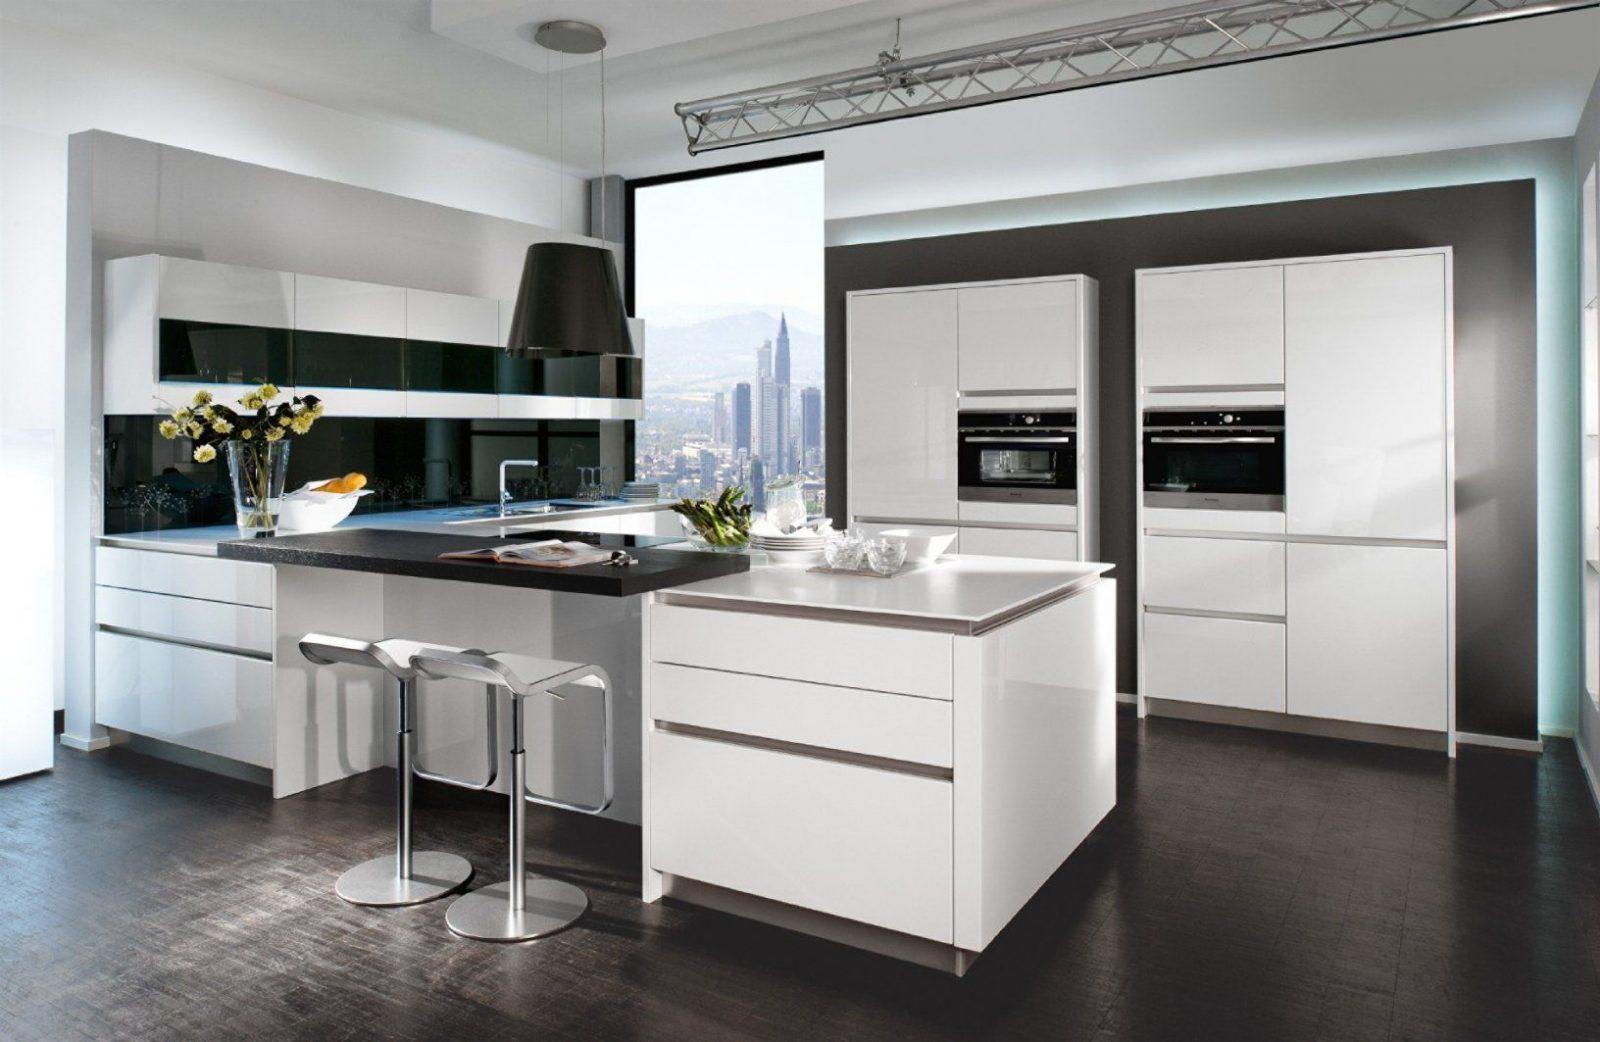 ... Offene Kuche Wohnzimmer Entzückend Offene Kuche Wohnzimmer Modern Von  Moderne Wohnzimmer Mit Offener Küche Bild ...